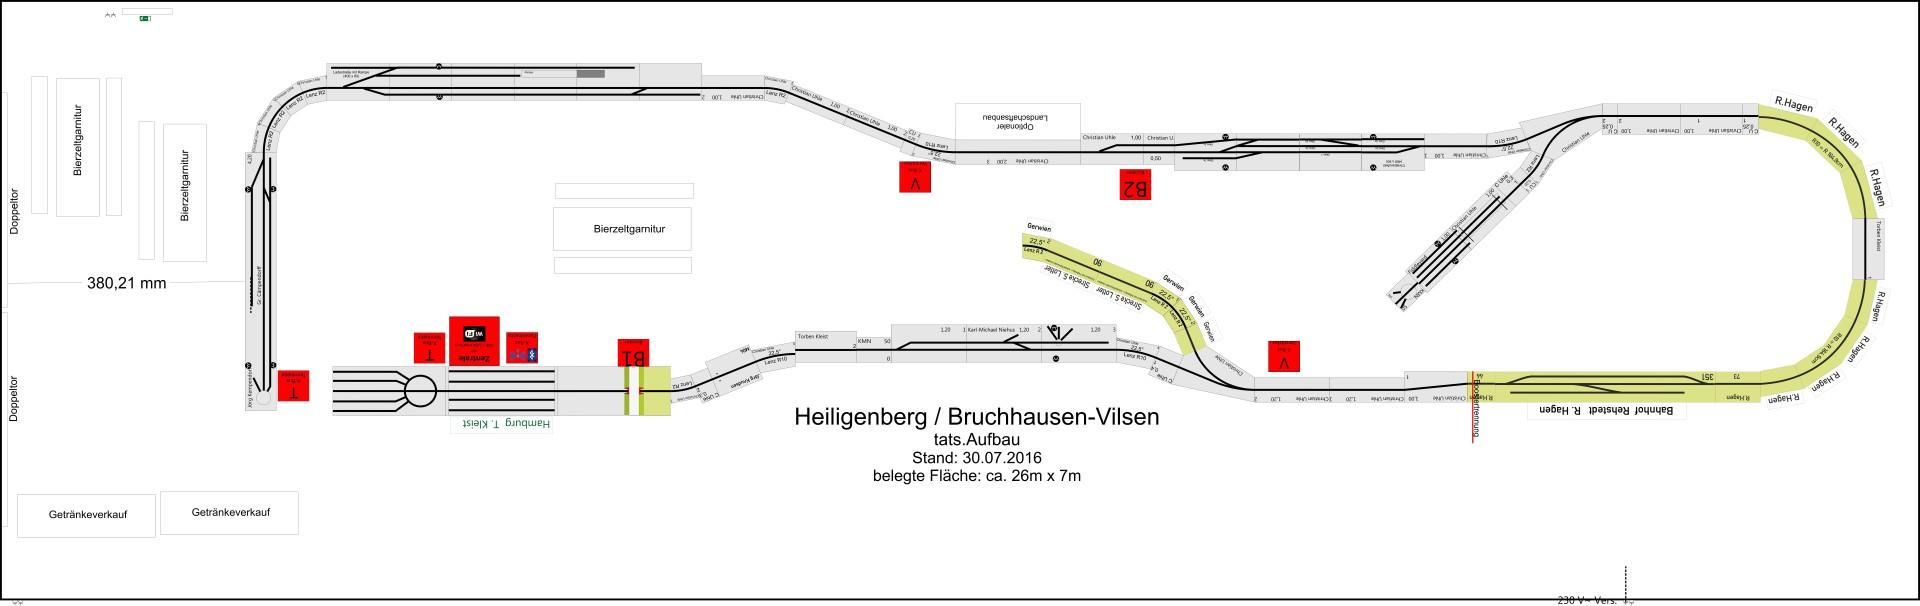 Heiligenberg_2016_Layout (Large)